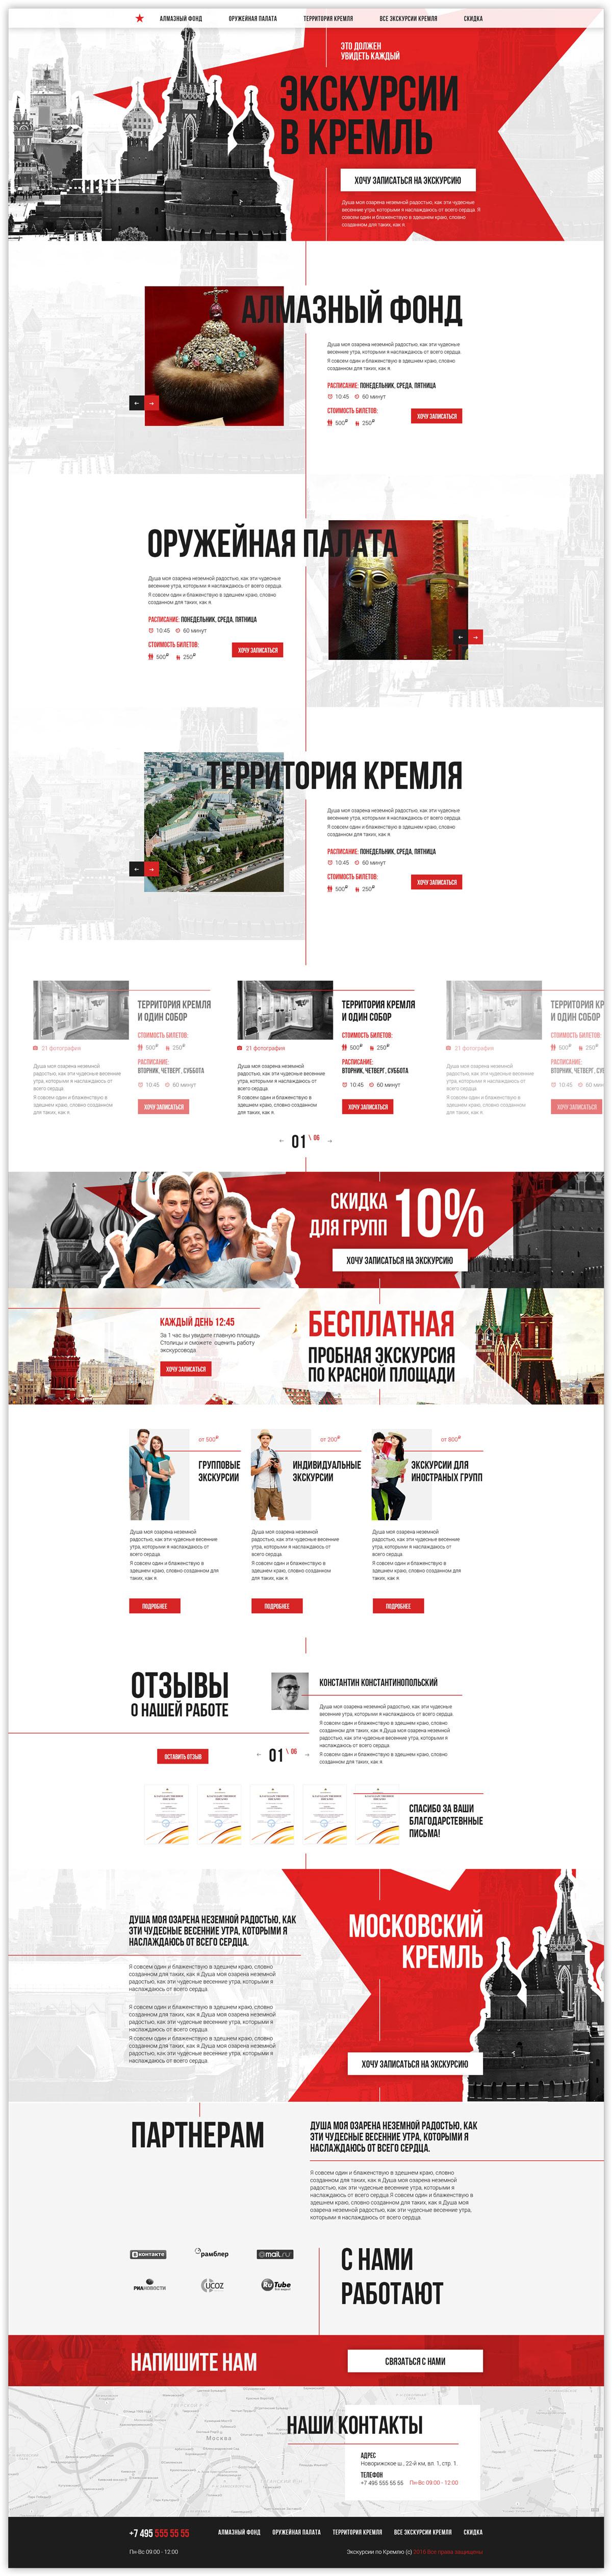 [Лендинг, корпоративный сайт] Экскурсии в Кремль